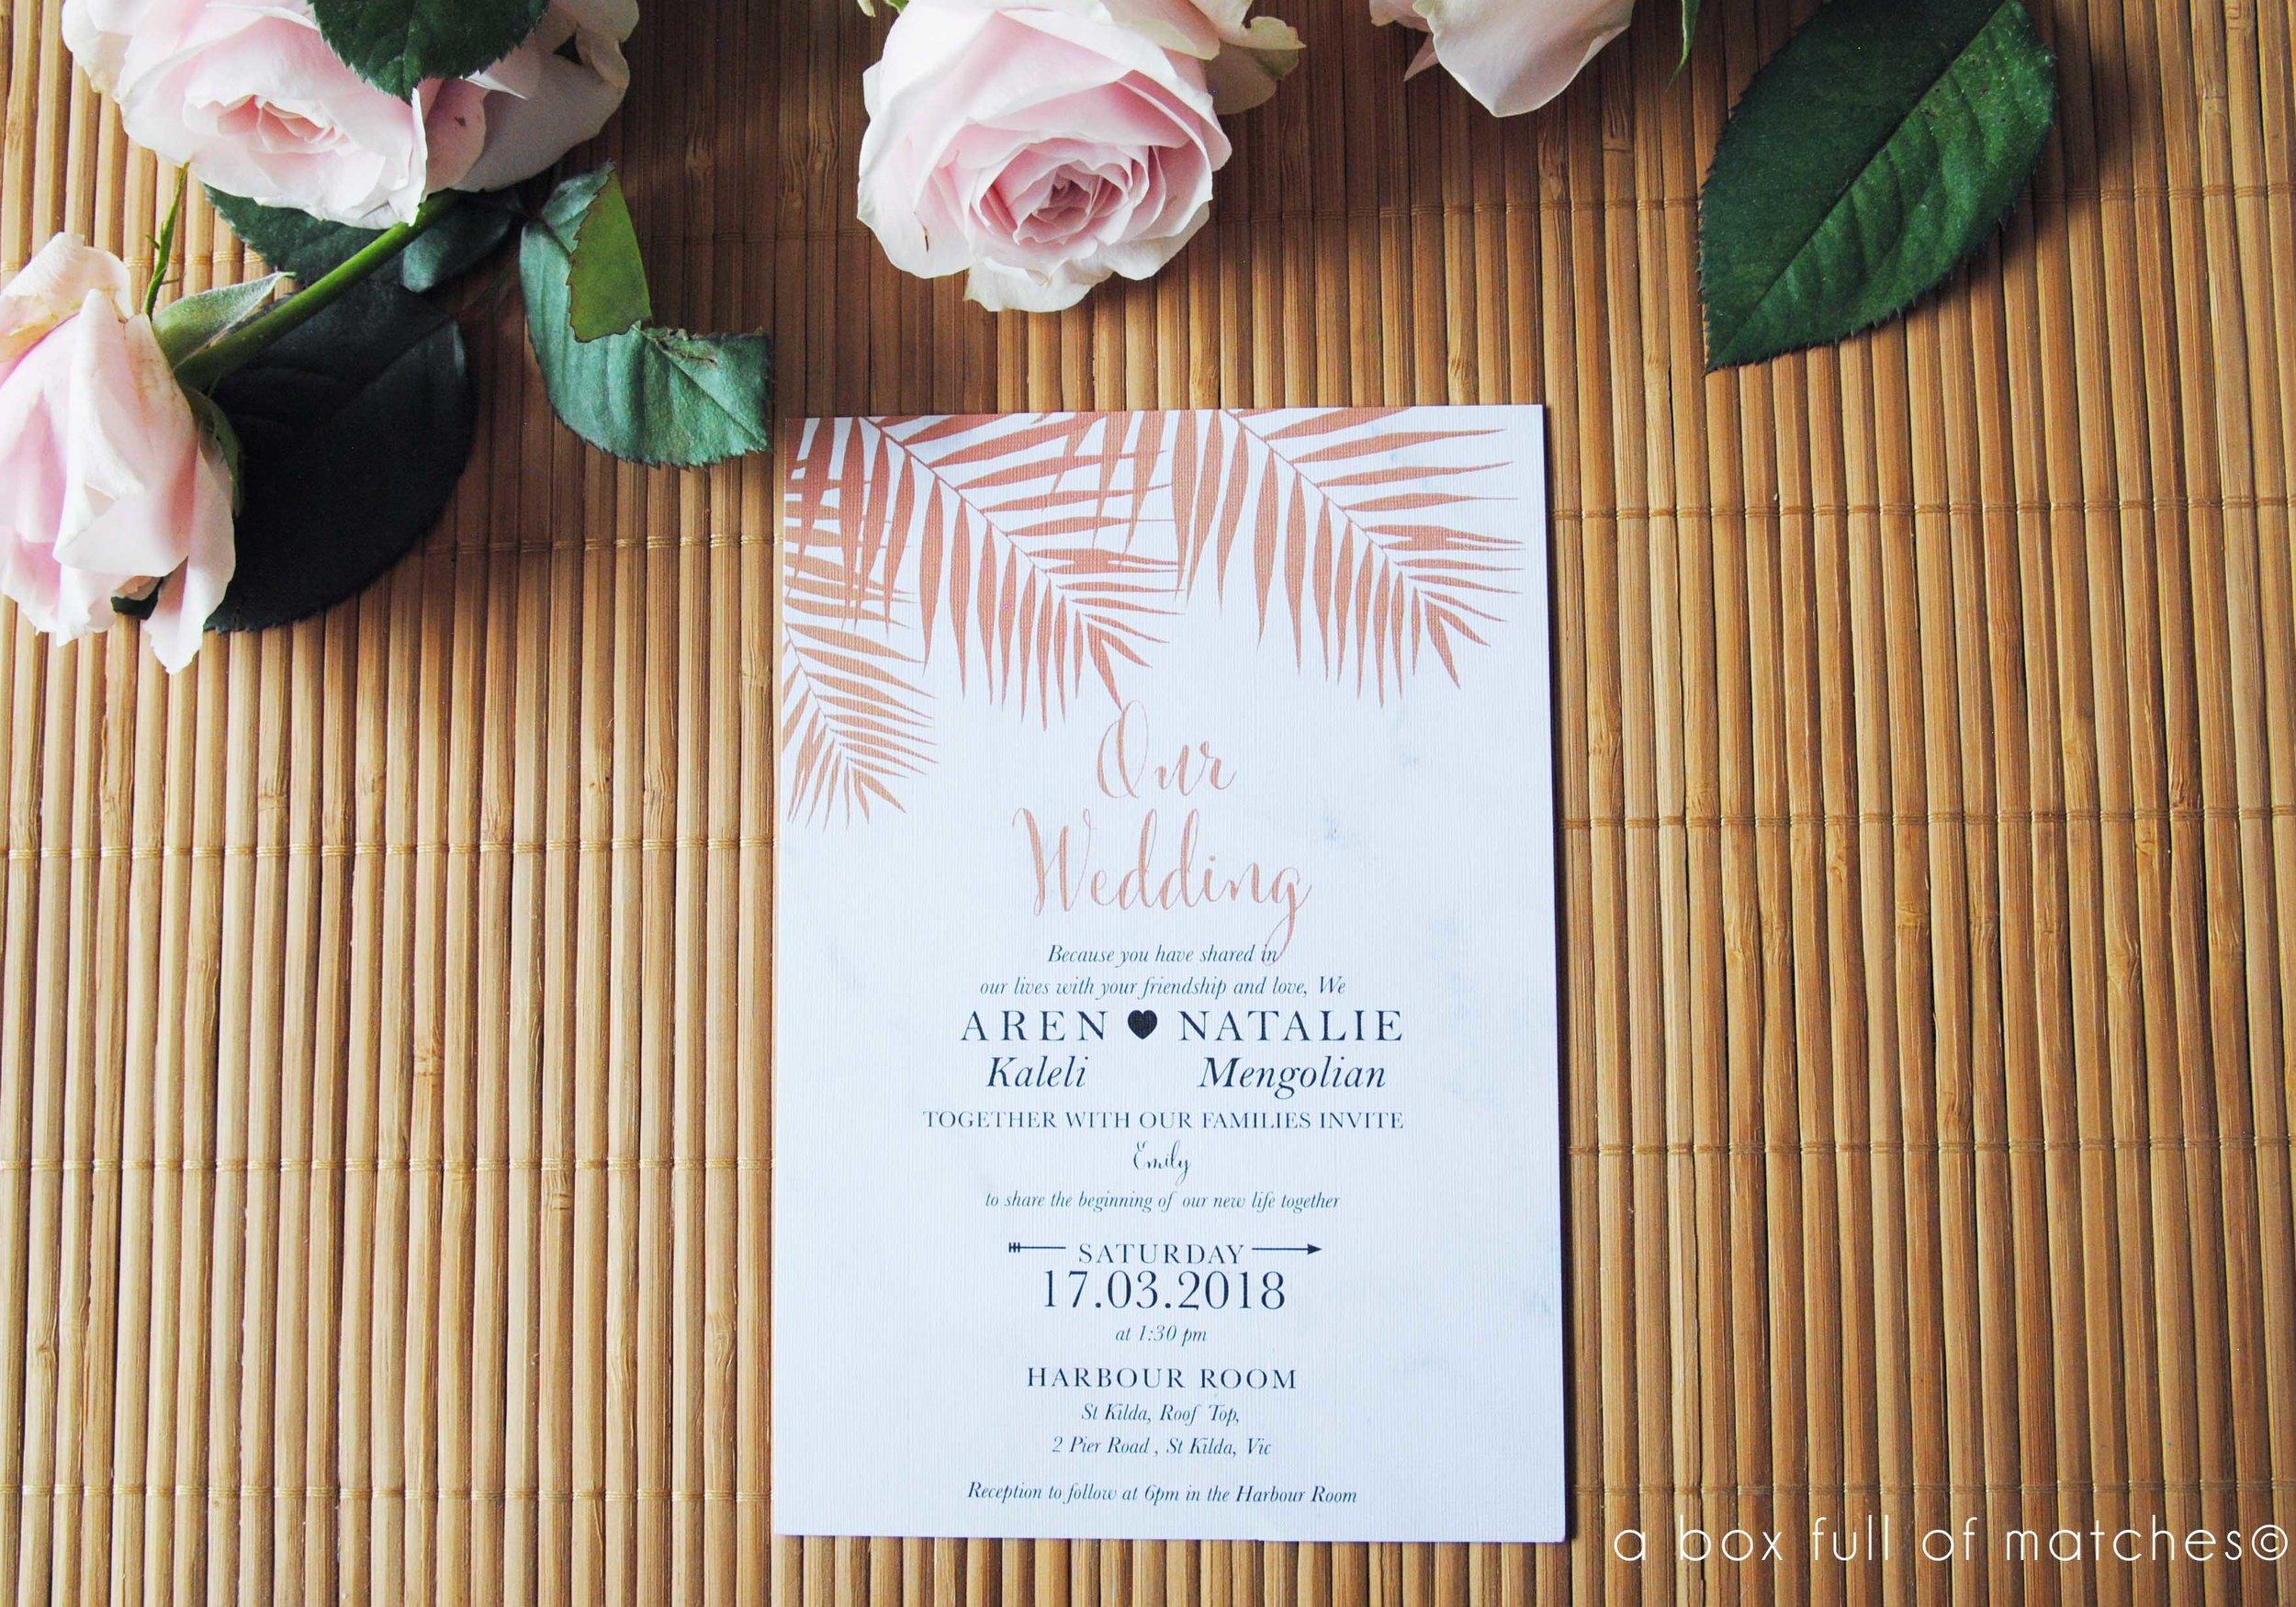 INVITATIONS-34.jpg